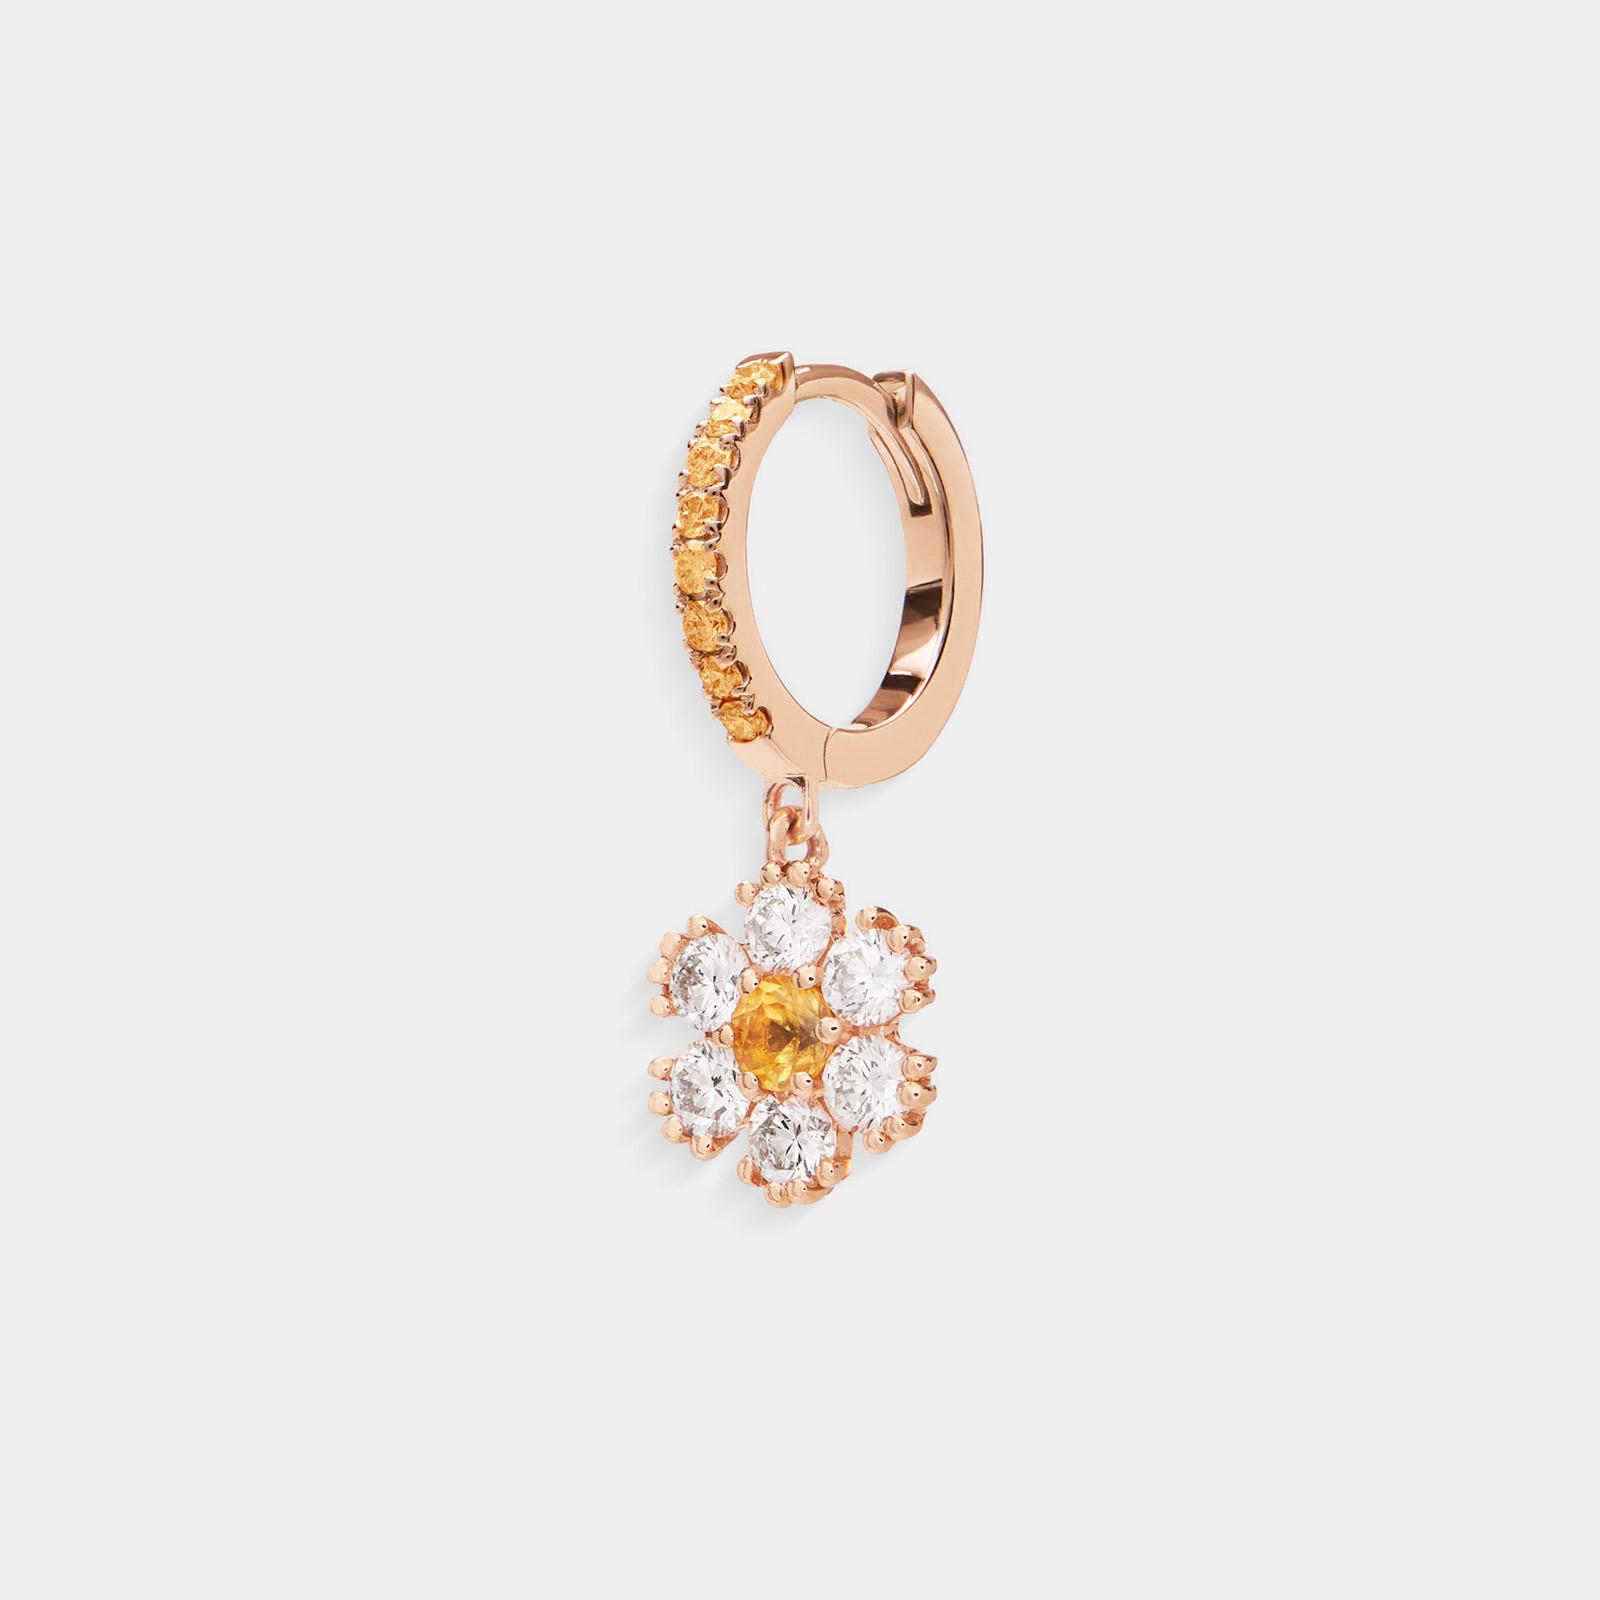 Crivelli - Mono orecchino cerchio in oro rosa con fiore di diamanti e zaffiri gialli